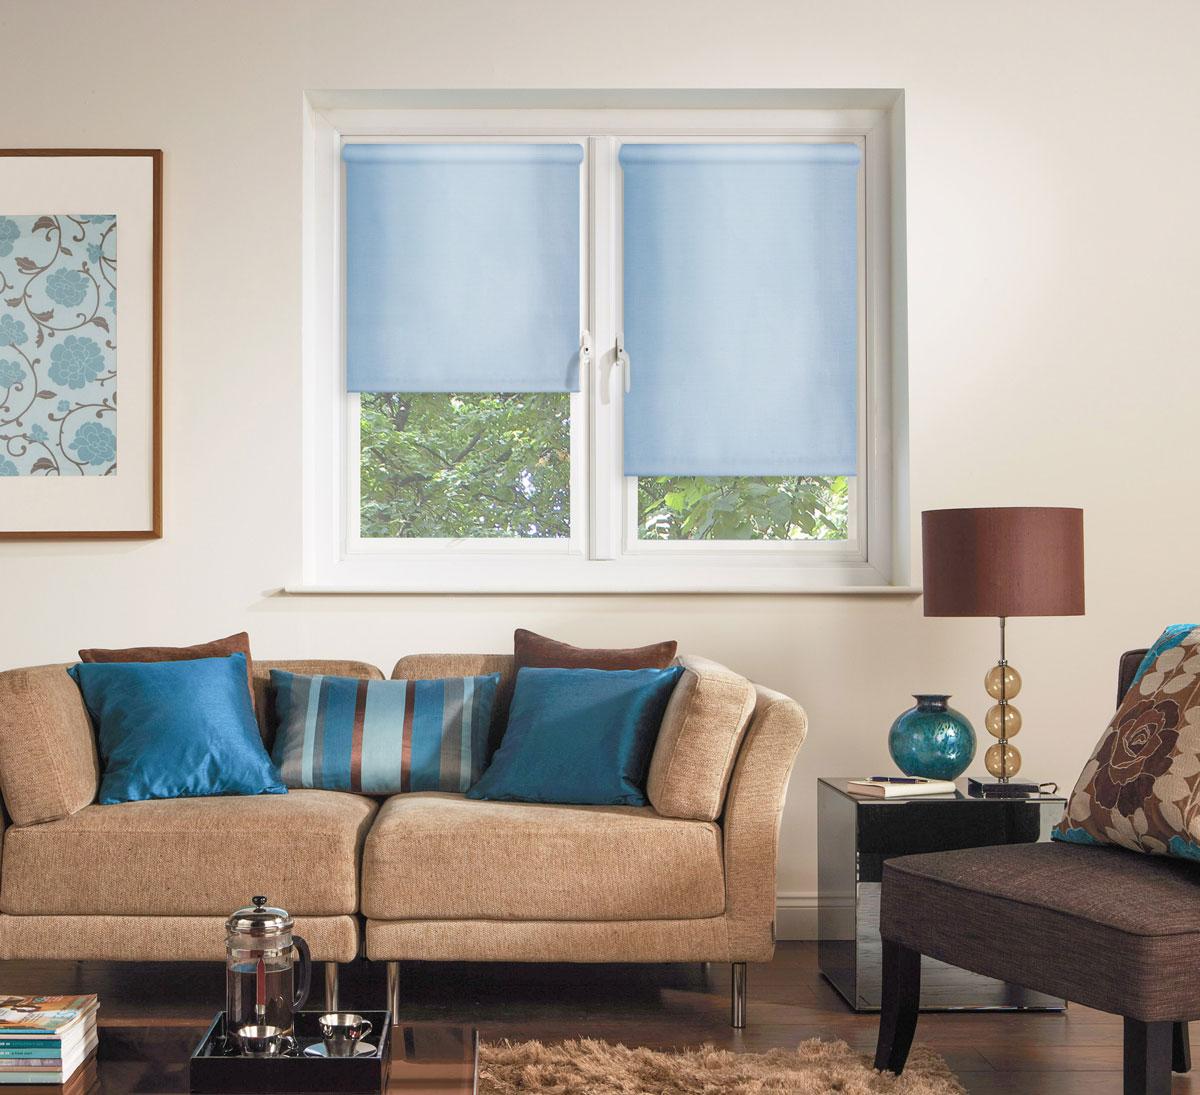 Штора рулонная KauffOrt Миниролло, цвет: голубой, ширина 57 см, высота 170 см1004900000360Рулонная штора Миниролло выполнена из высокопрочной ткани, которая сохраняет свой размер даже при намокании. Ткань не выцветает и обладает отличной цветоустойчивостью.Миниролло - это подвид рулонных штор, который закрывает не весь оконный проем, а непосредственно само стекло. Такие шторы крепятся на раму без сверления при помощи зажимов или клейкой двухсторонней ленты (в компекте). Окно остается на гарантии, благодаря монтажу без сверления. Такая штора станет прекрасным элементом декора окна и гармонично впишется в интерьер любого помещения.